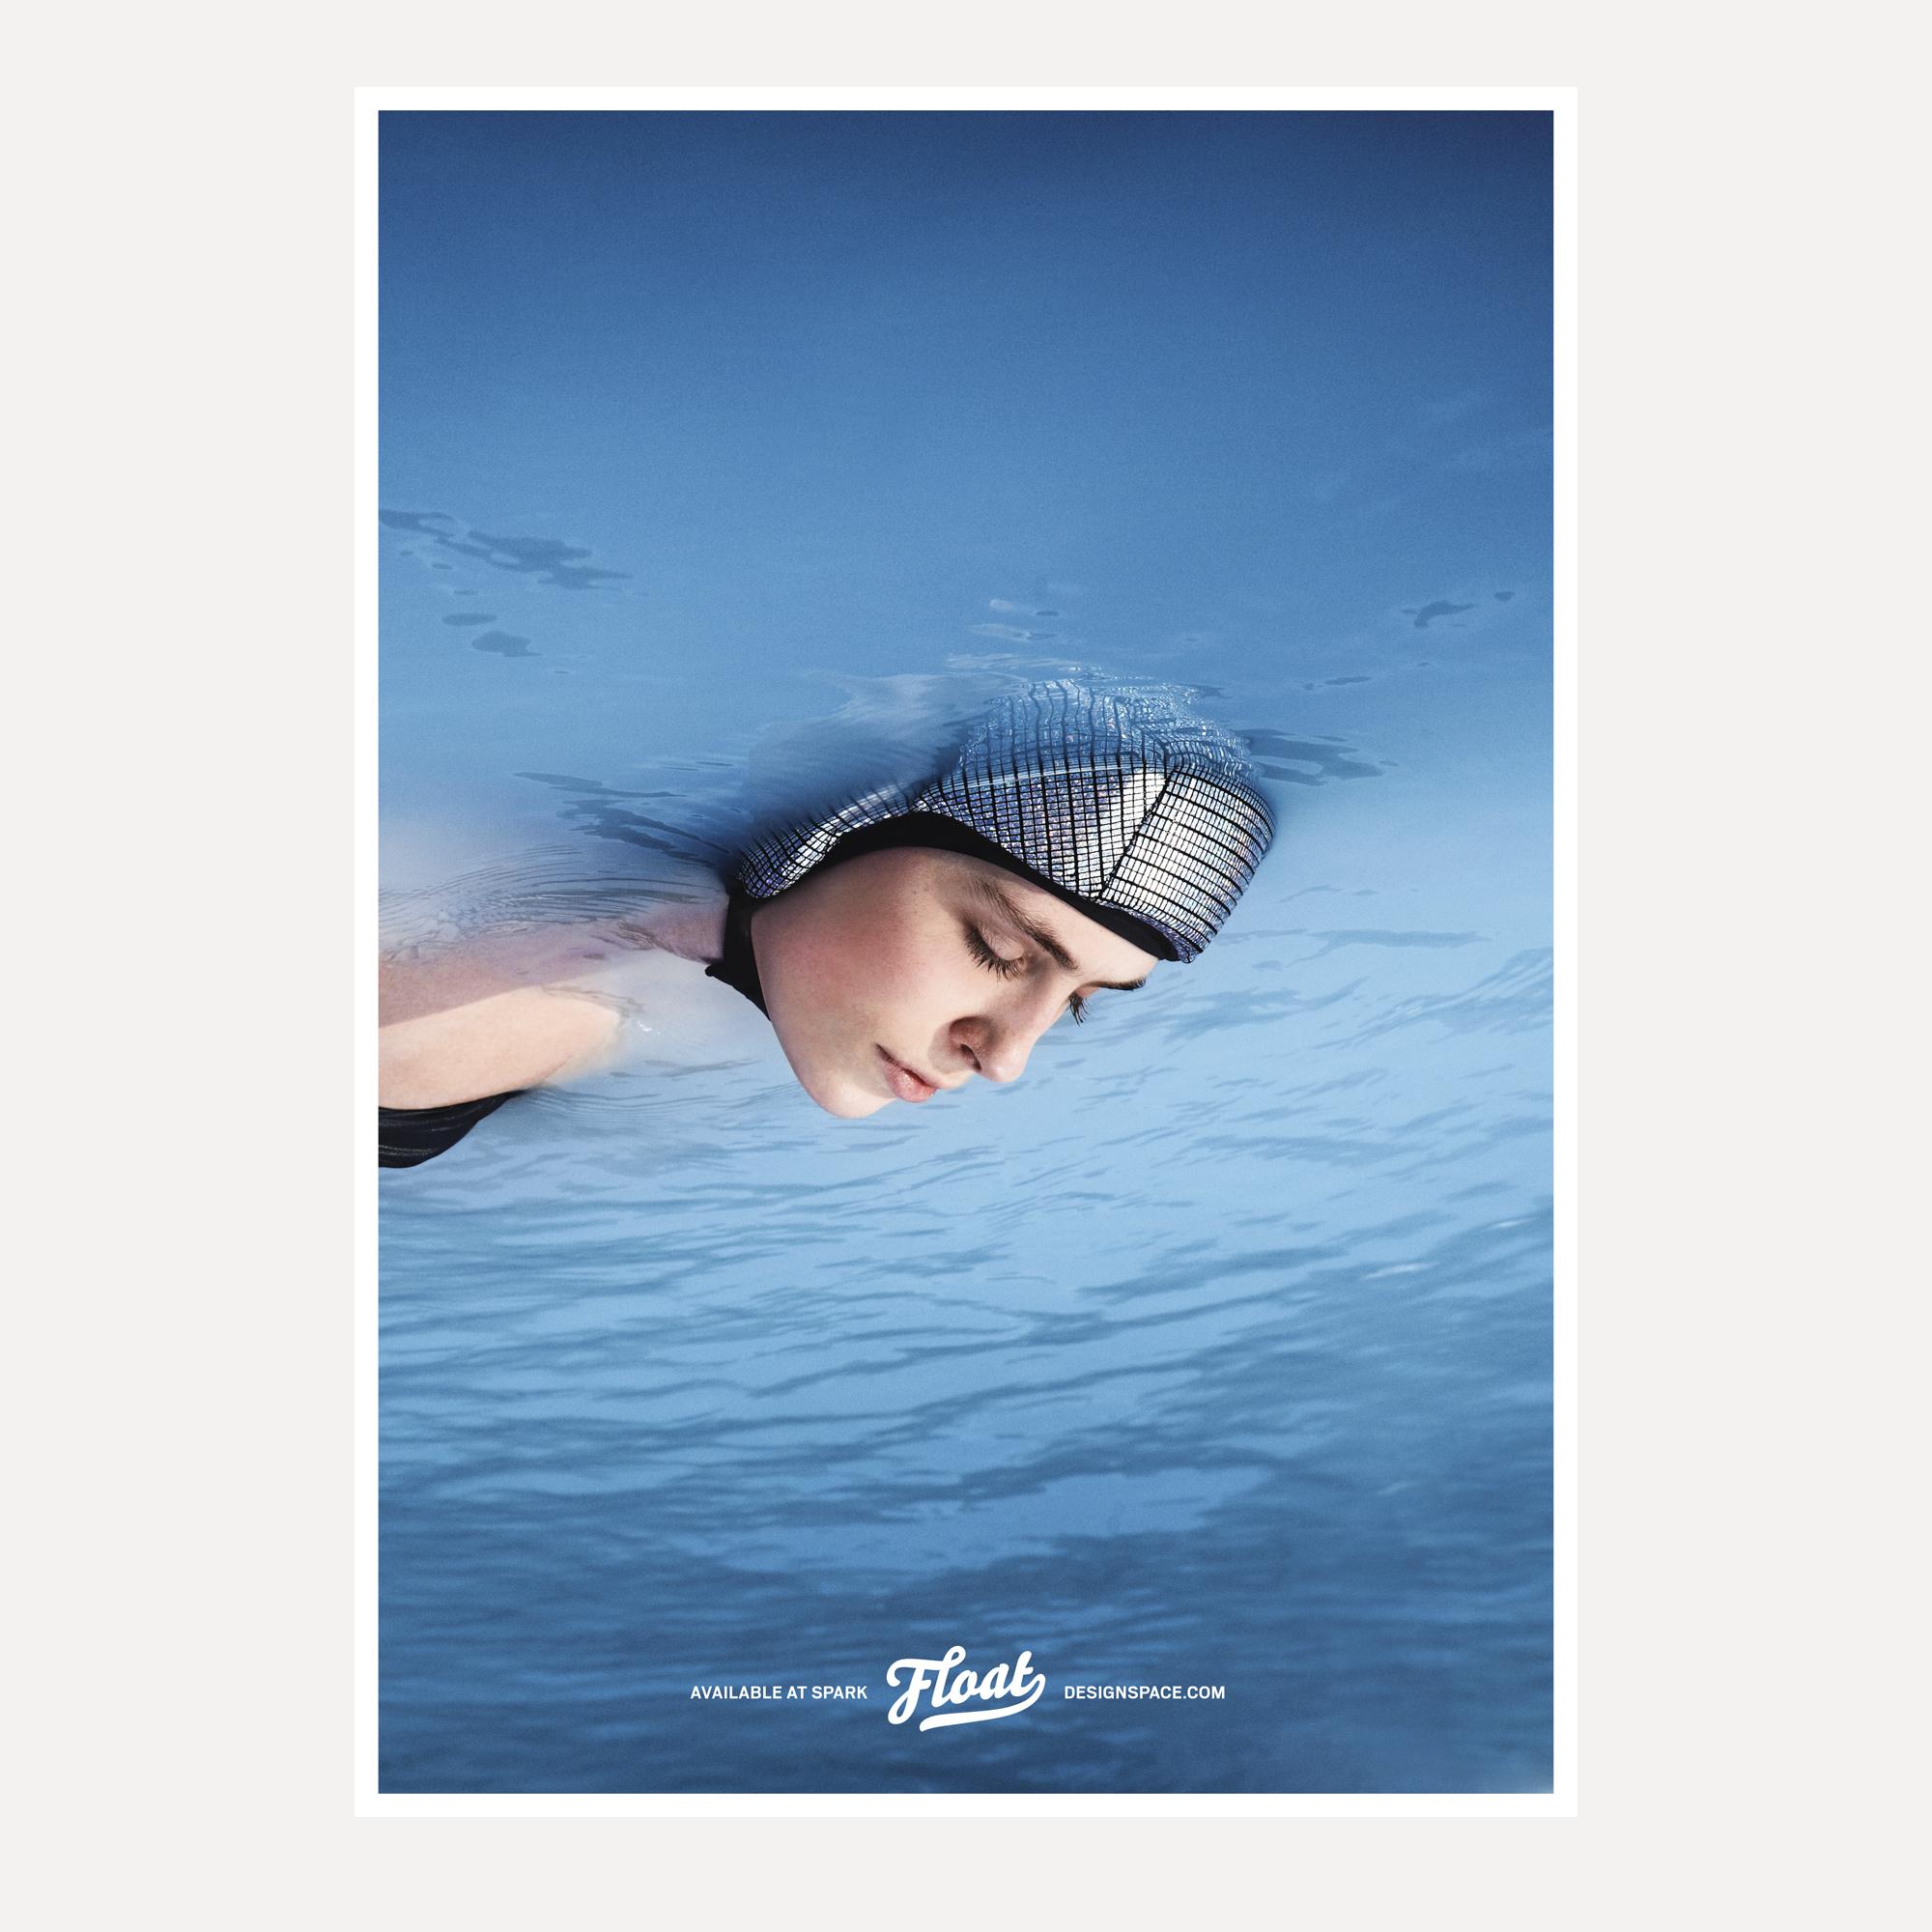 Float, Flothetta. 2013.